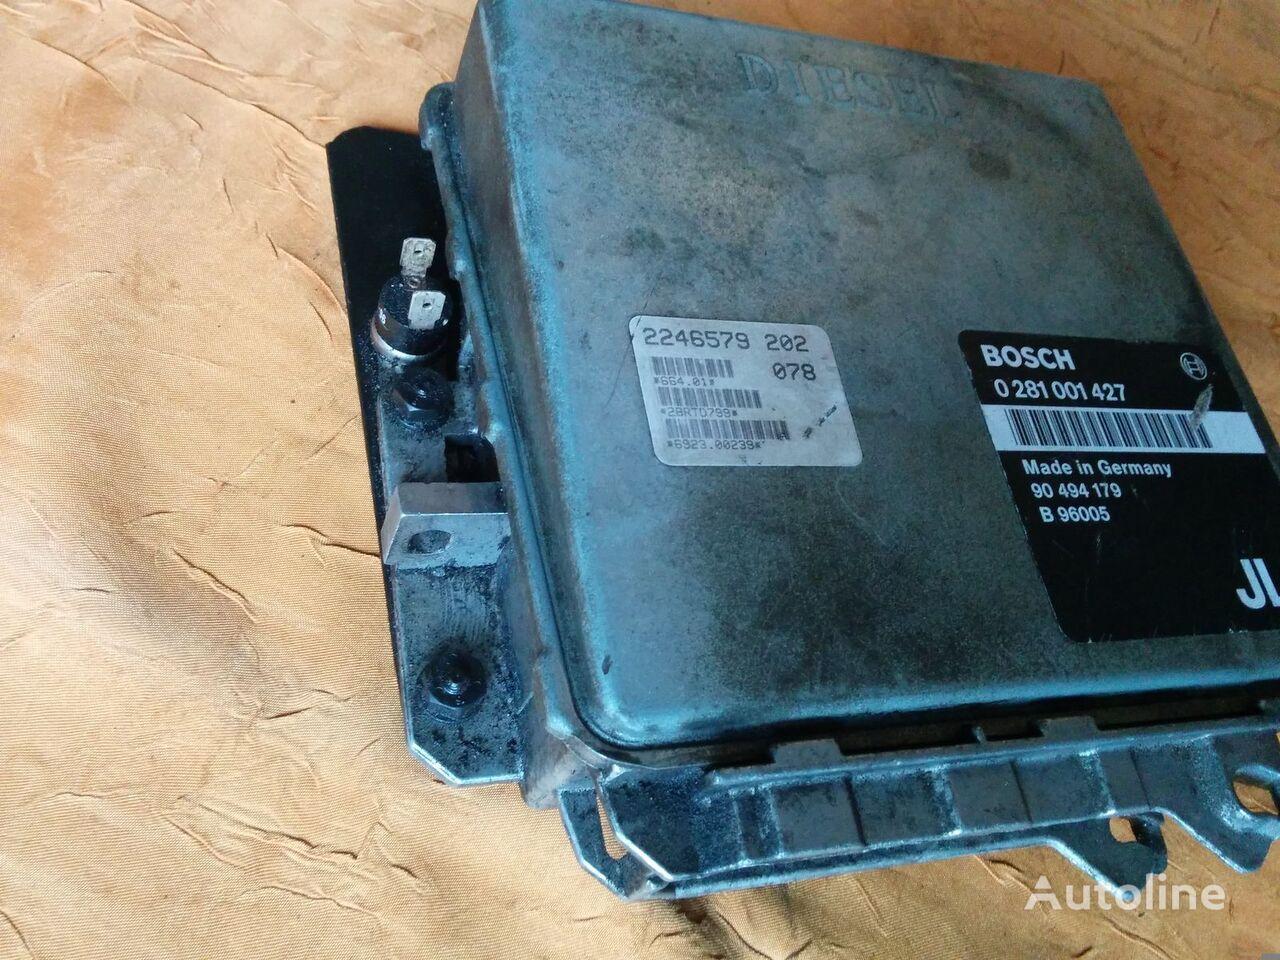 λεωφορείο MERCEDES-BENZ o405 για μονάδα ελέγχου MERCEDES-BENZ Bosch 0281001427